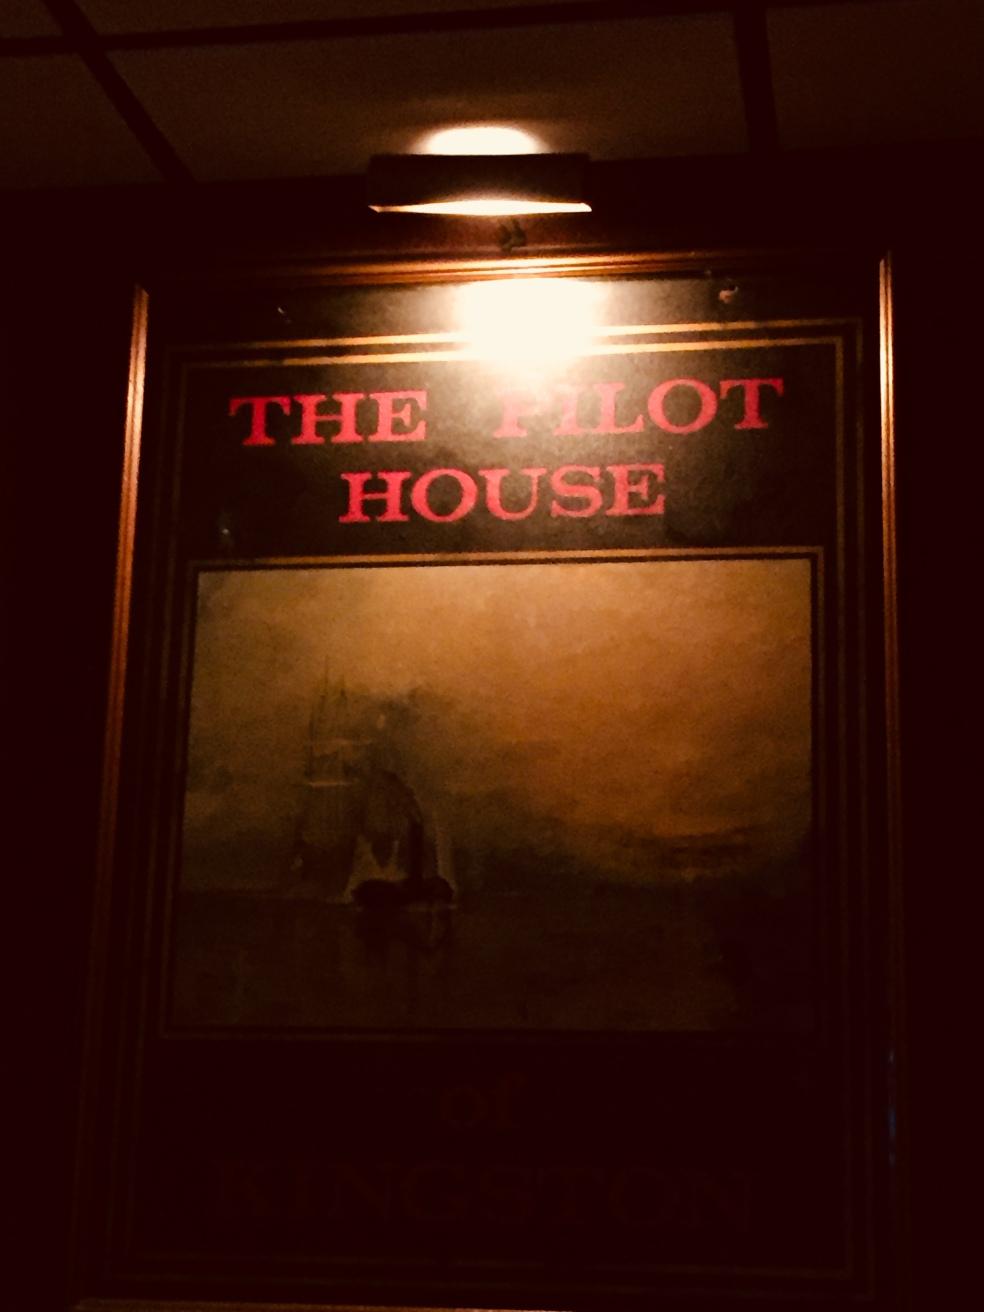 Pilot House sign